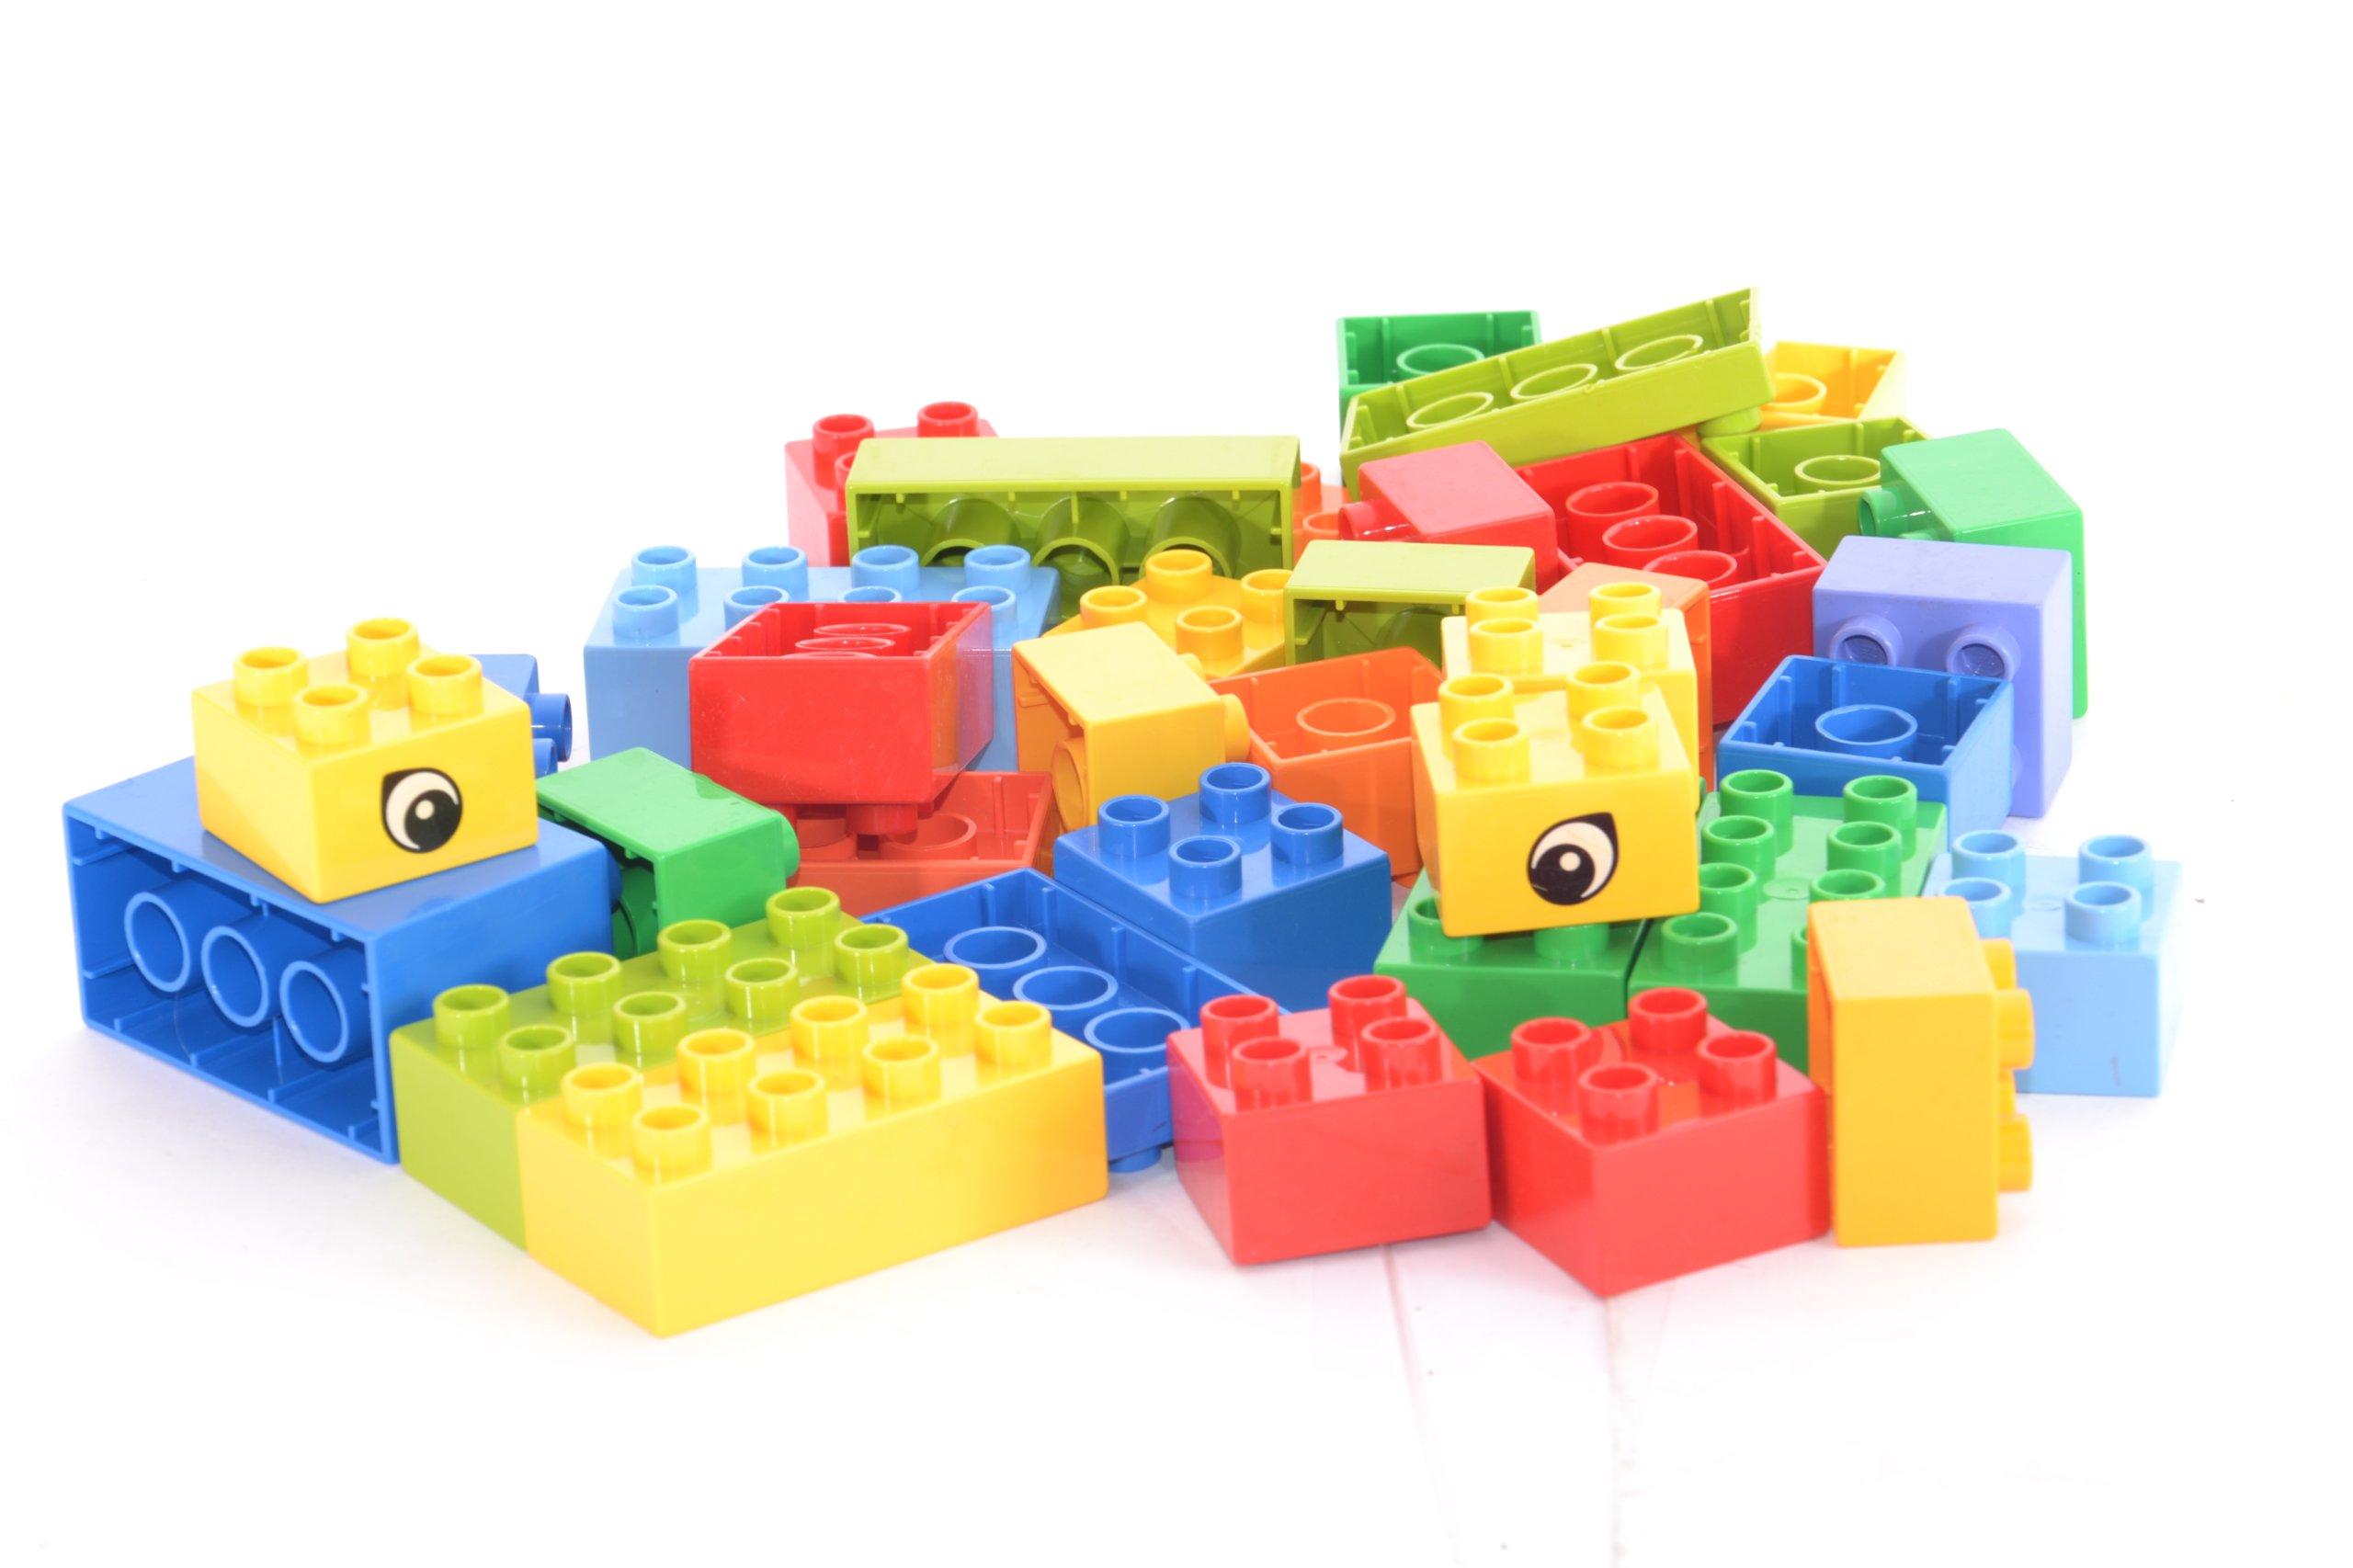 Lego Duplo Klocki Zestaw 35 Szt Różne Oczka